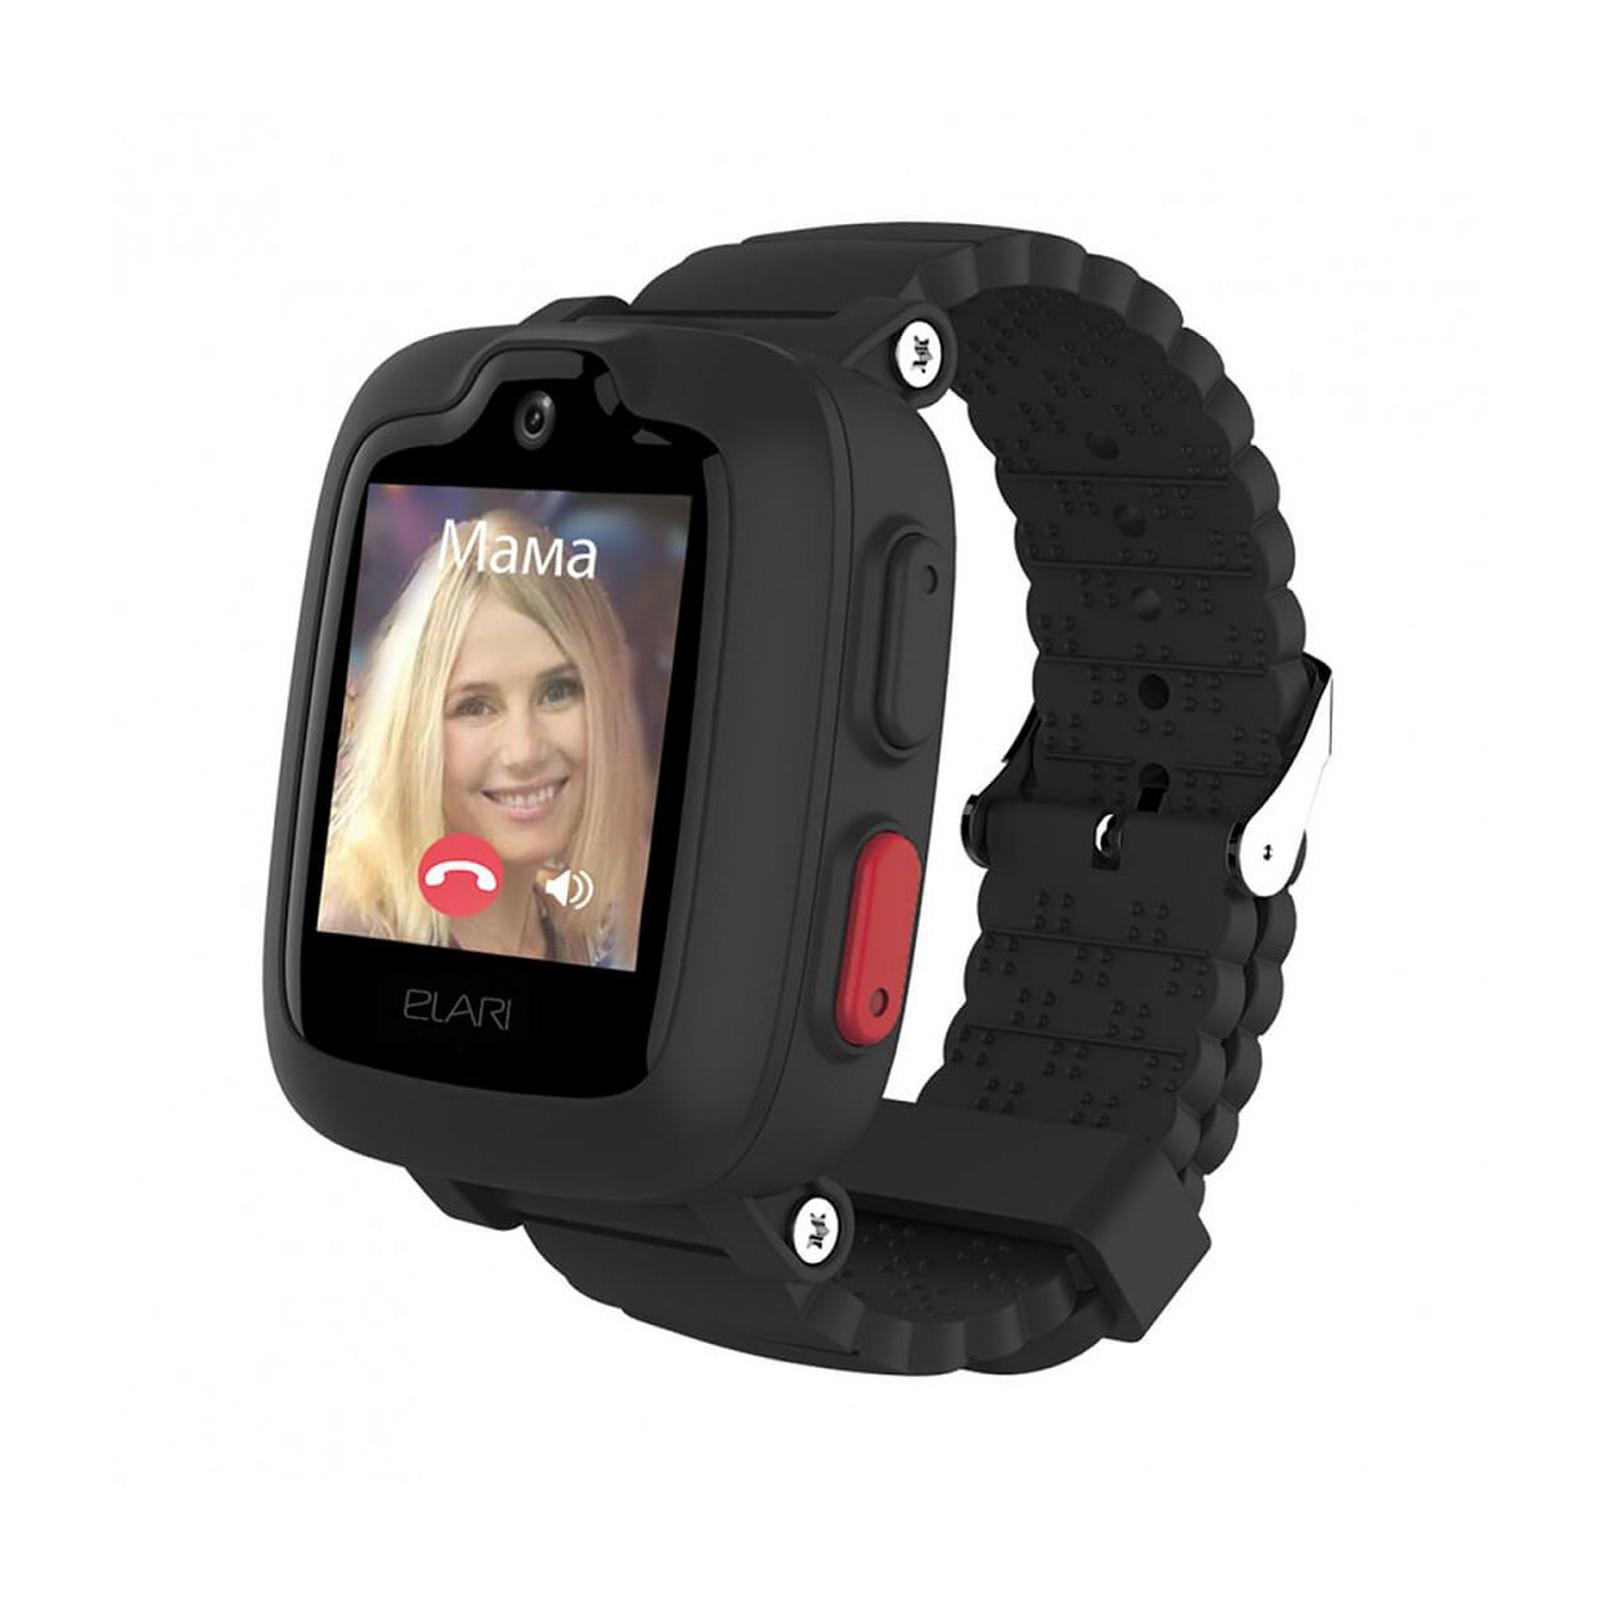 Elari Montre connectée pour enfant 3G GPS Elari Kidphone 3G Noir